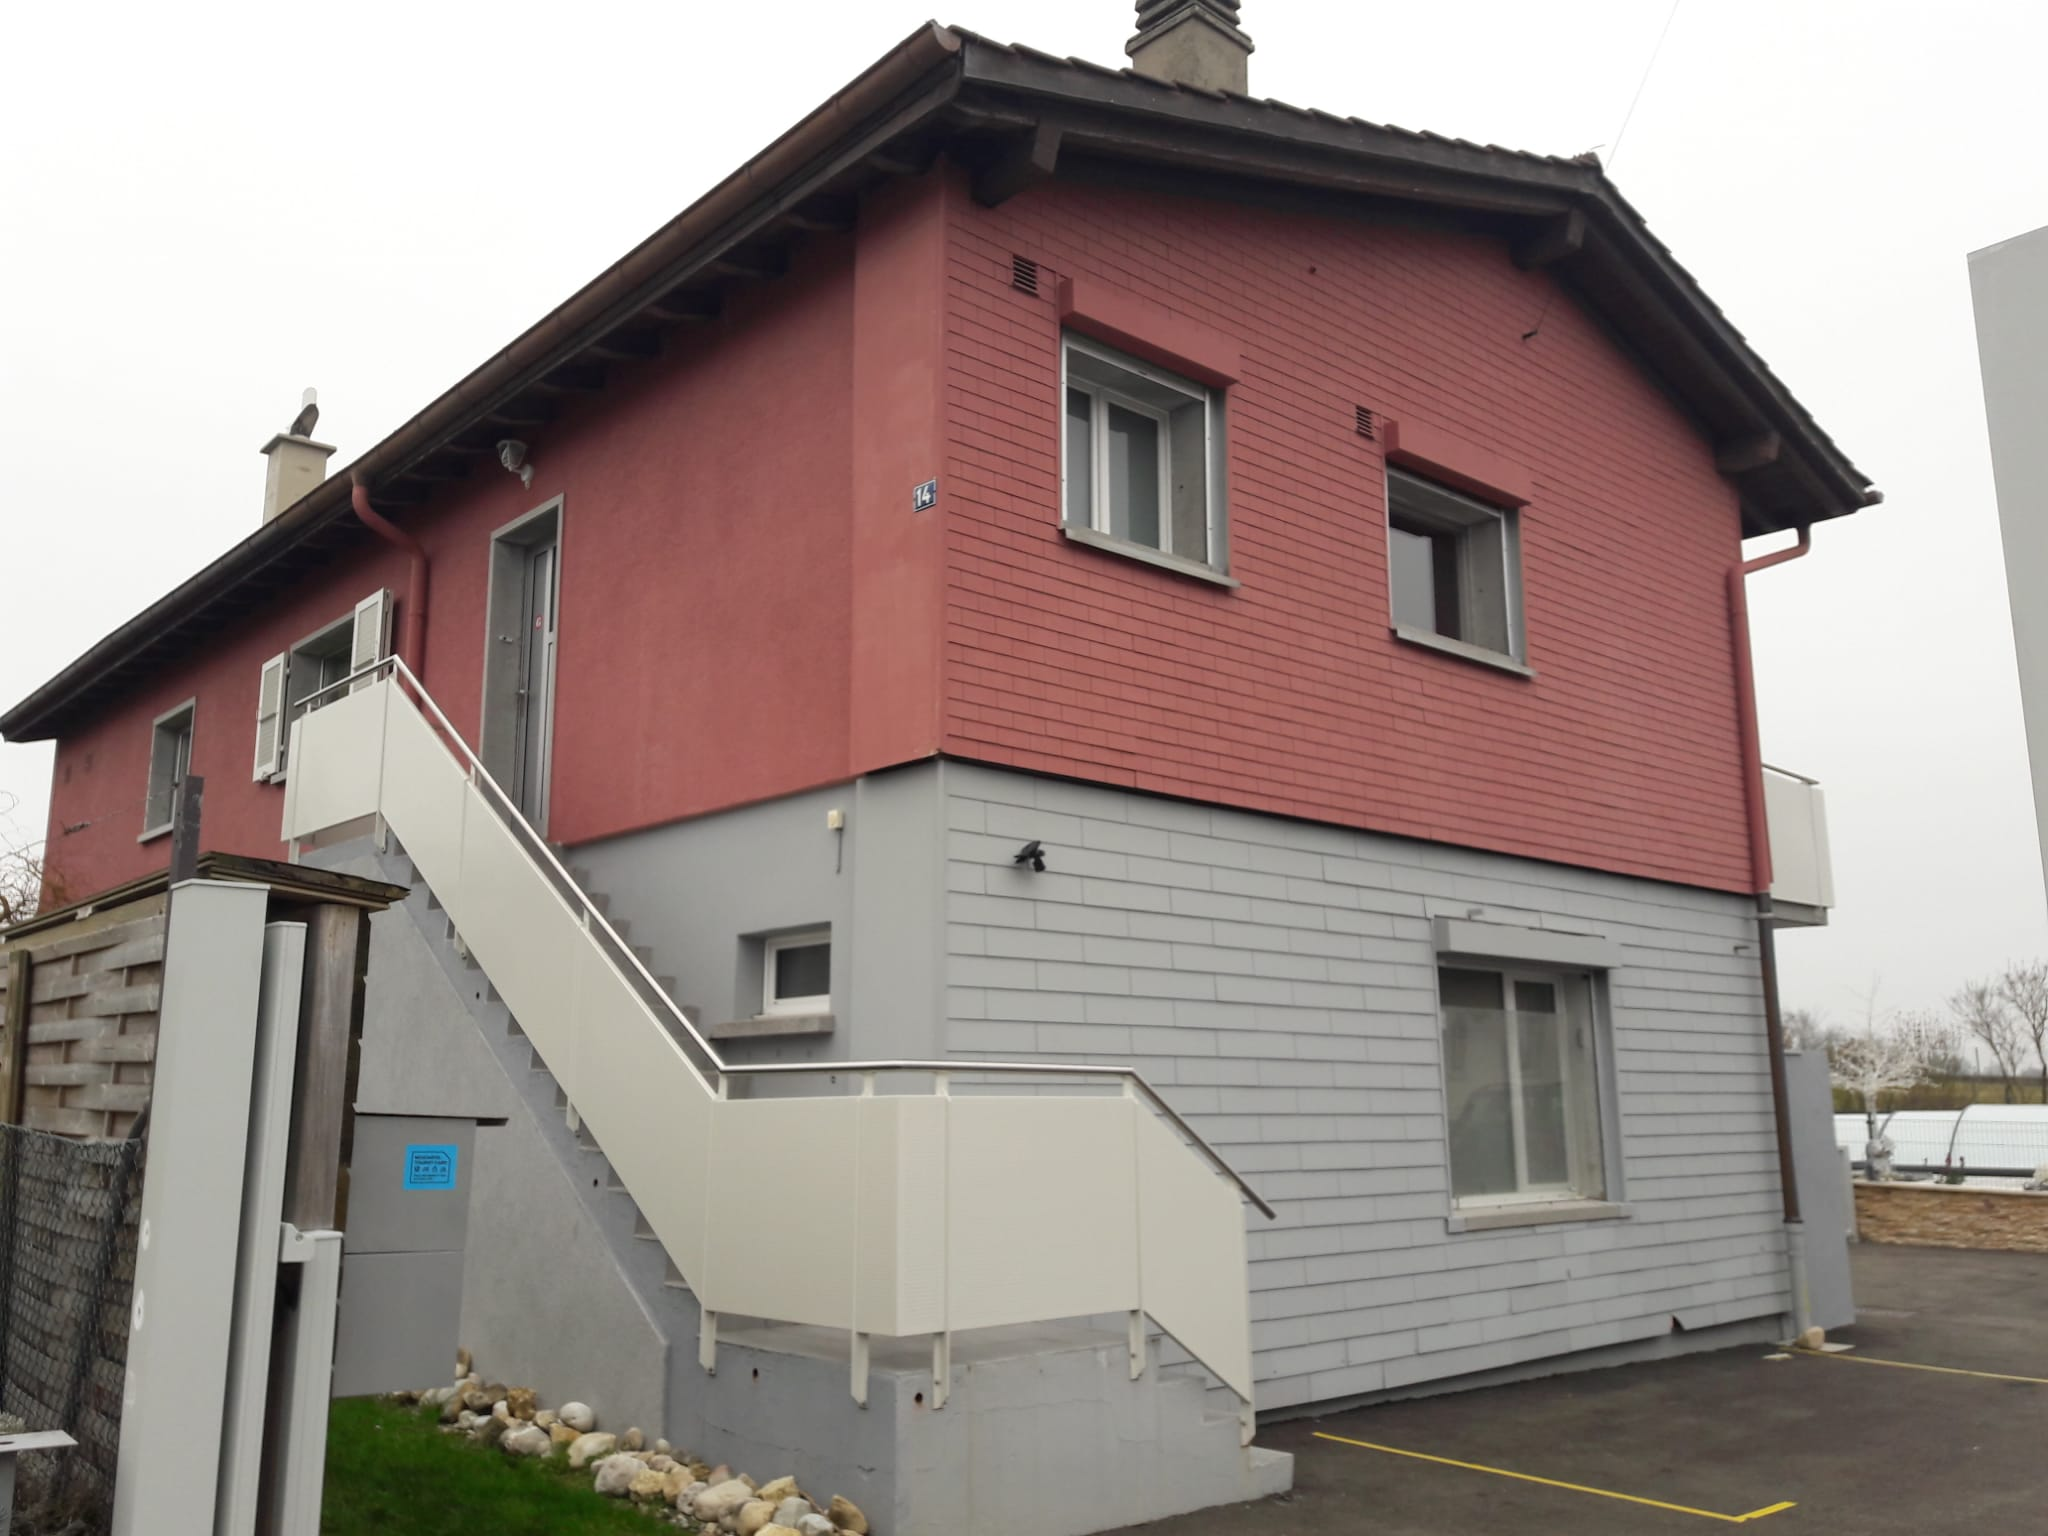 Appartement de vacances relaxe zu Hause ds 3pc oder im Studio eingerichteter Whirlpool und Pool im Somme (2520436), Bevaix, Lac de Neuchâtel, Jura - Neuchâtel, Suisse, image 32